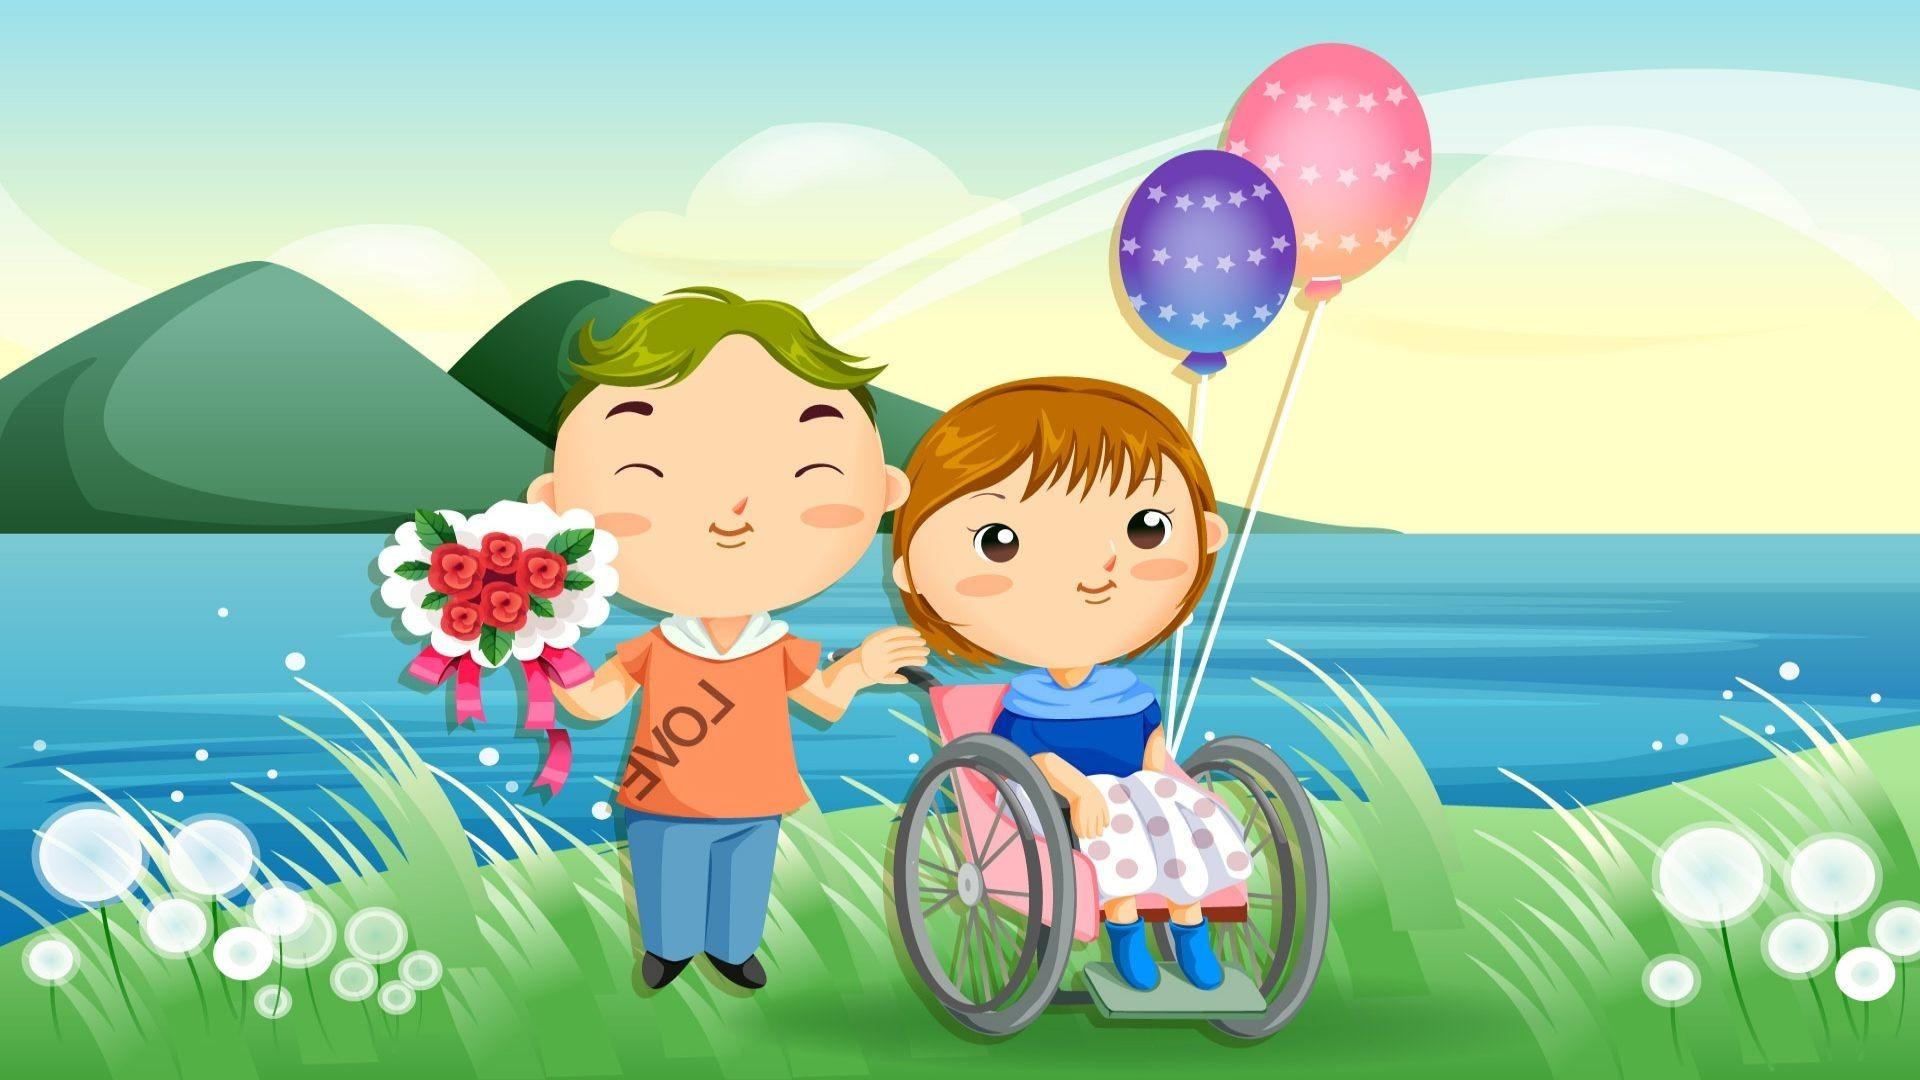 1920x1080, Cute Cartoon Couple Wallpaper - Full Hd Cute Cartoon - HD Wallpaper